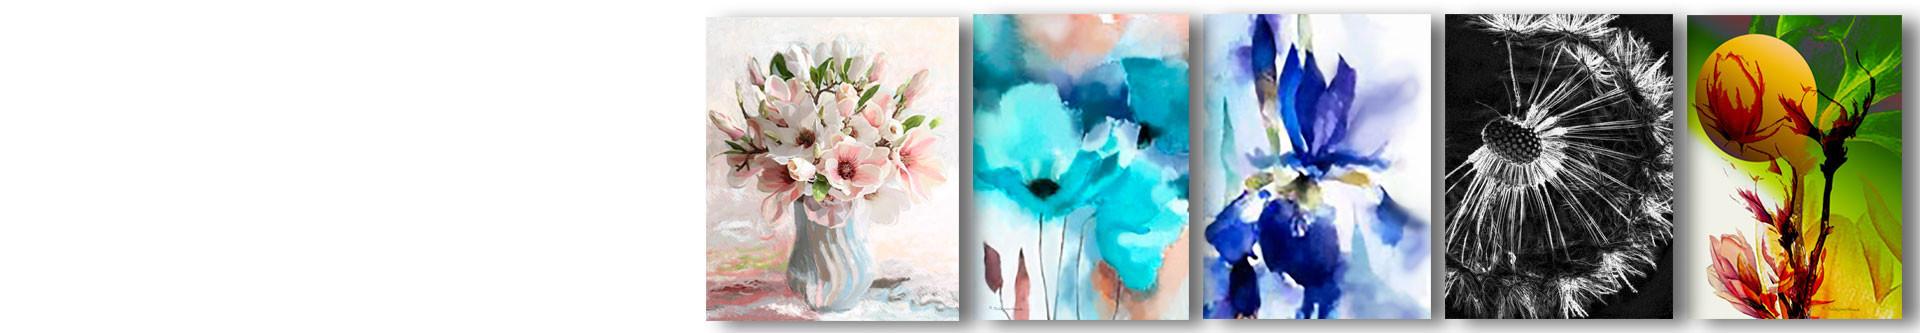 Obrazy Kwiaty i grafiki na ścianę z kwiatami - GRAFIKIOBRAZY.PL